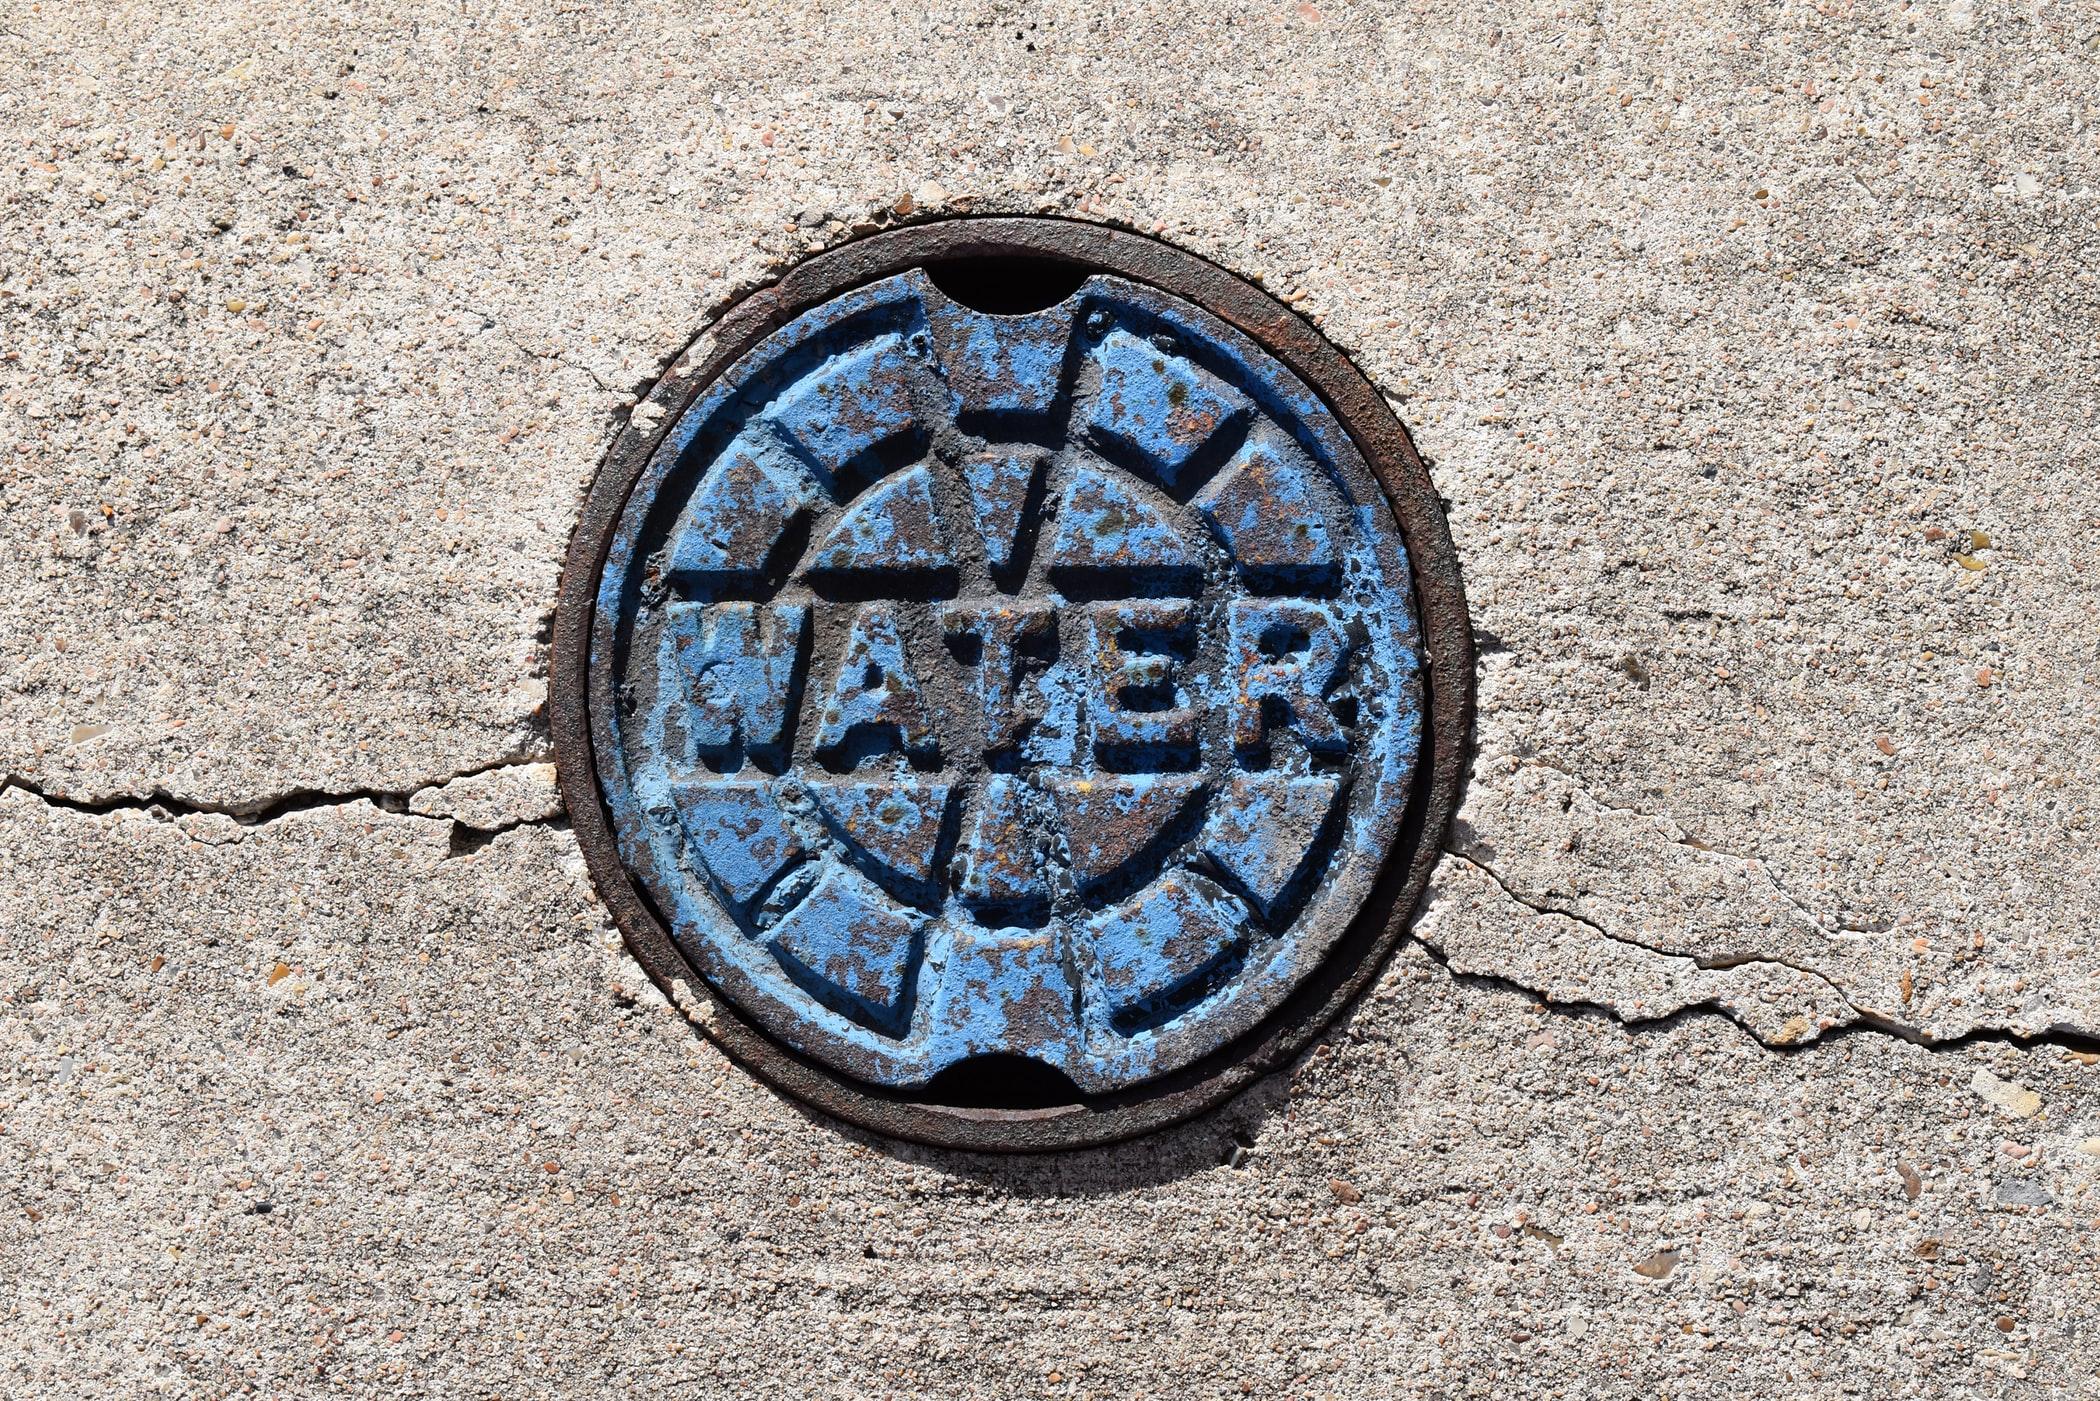 Sewer Service & Repair